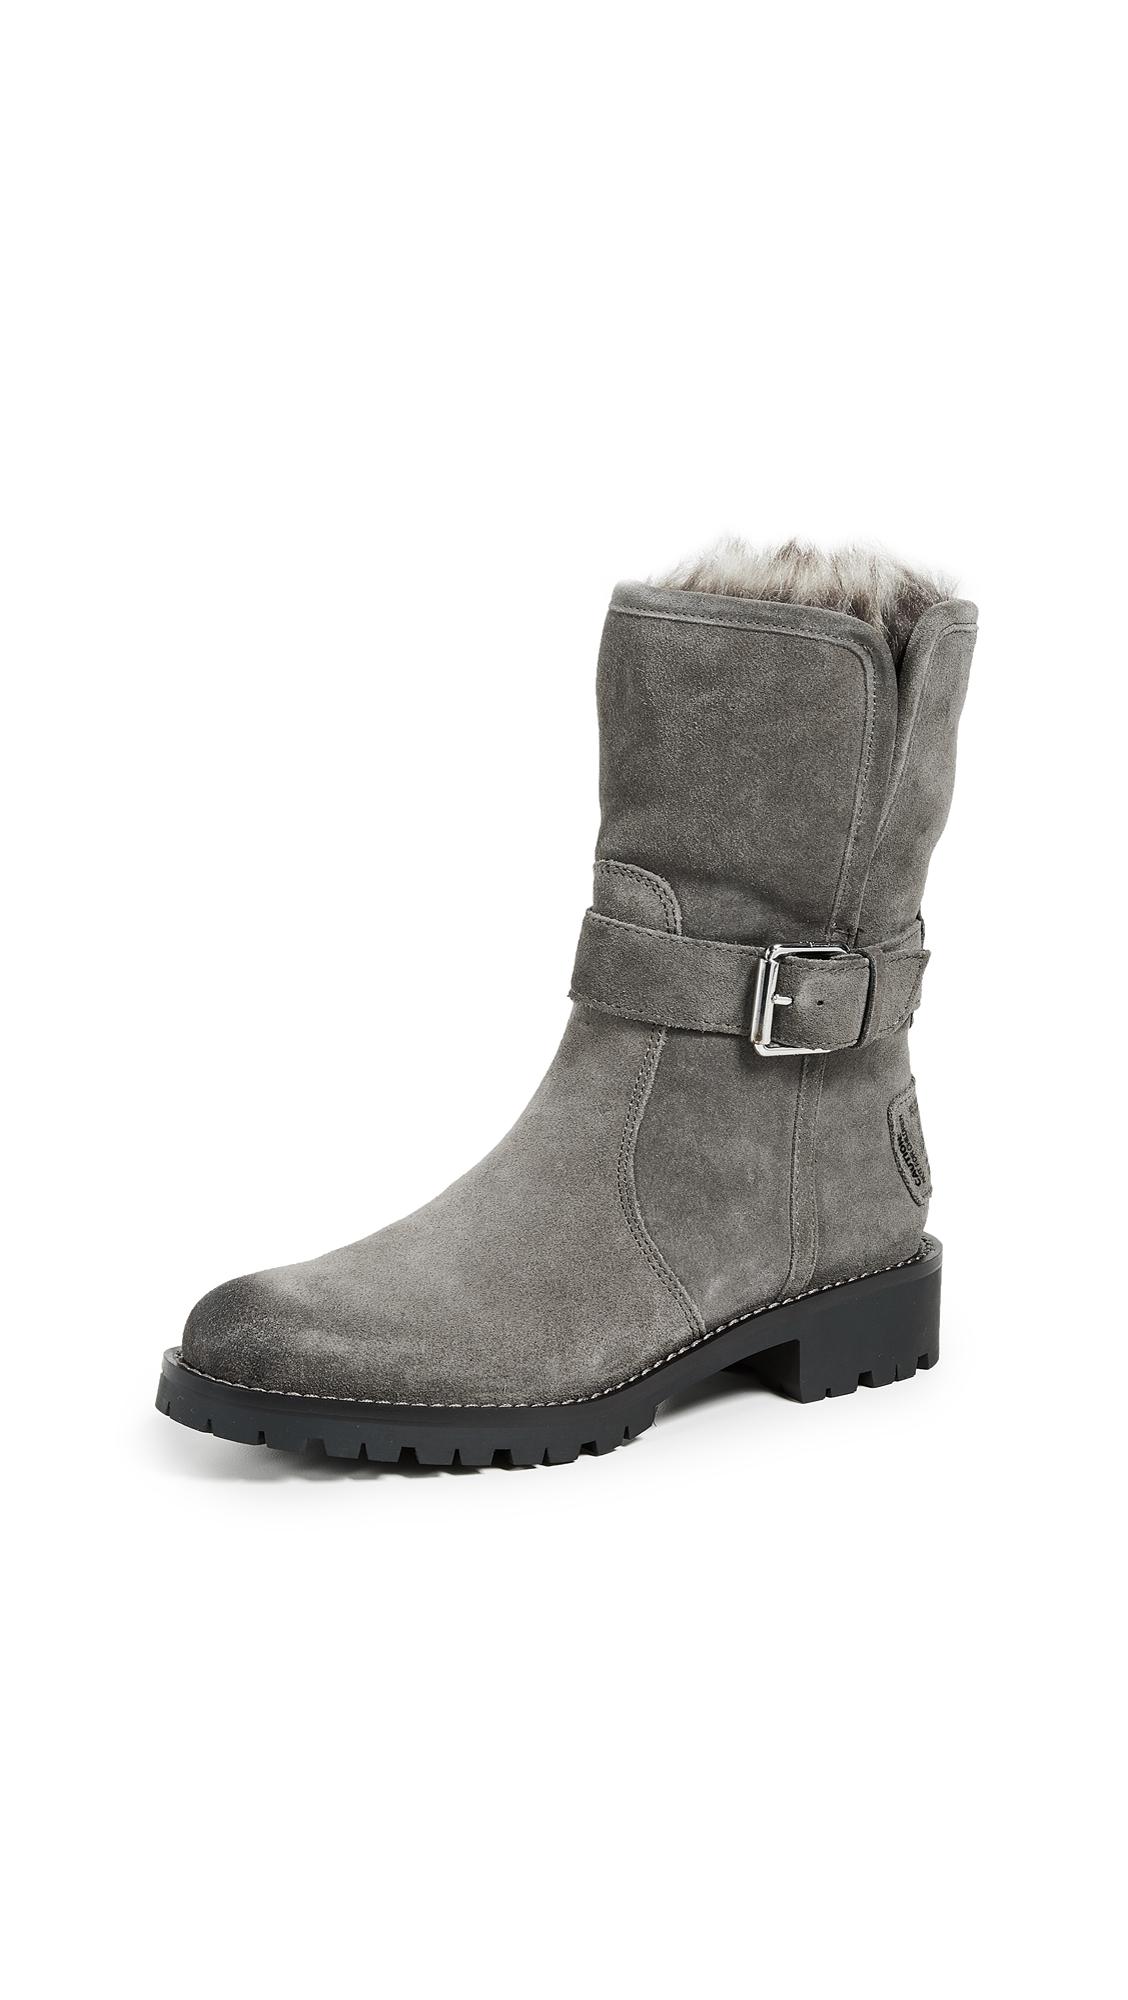 Sam Edelman Jeanie Boots - Dark Grey